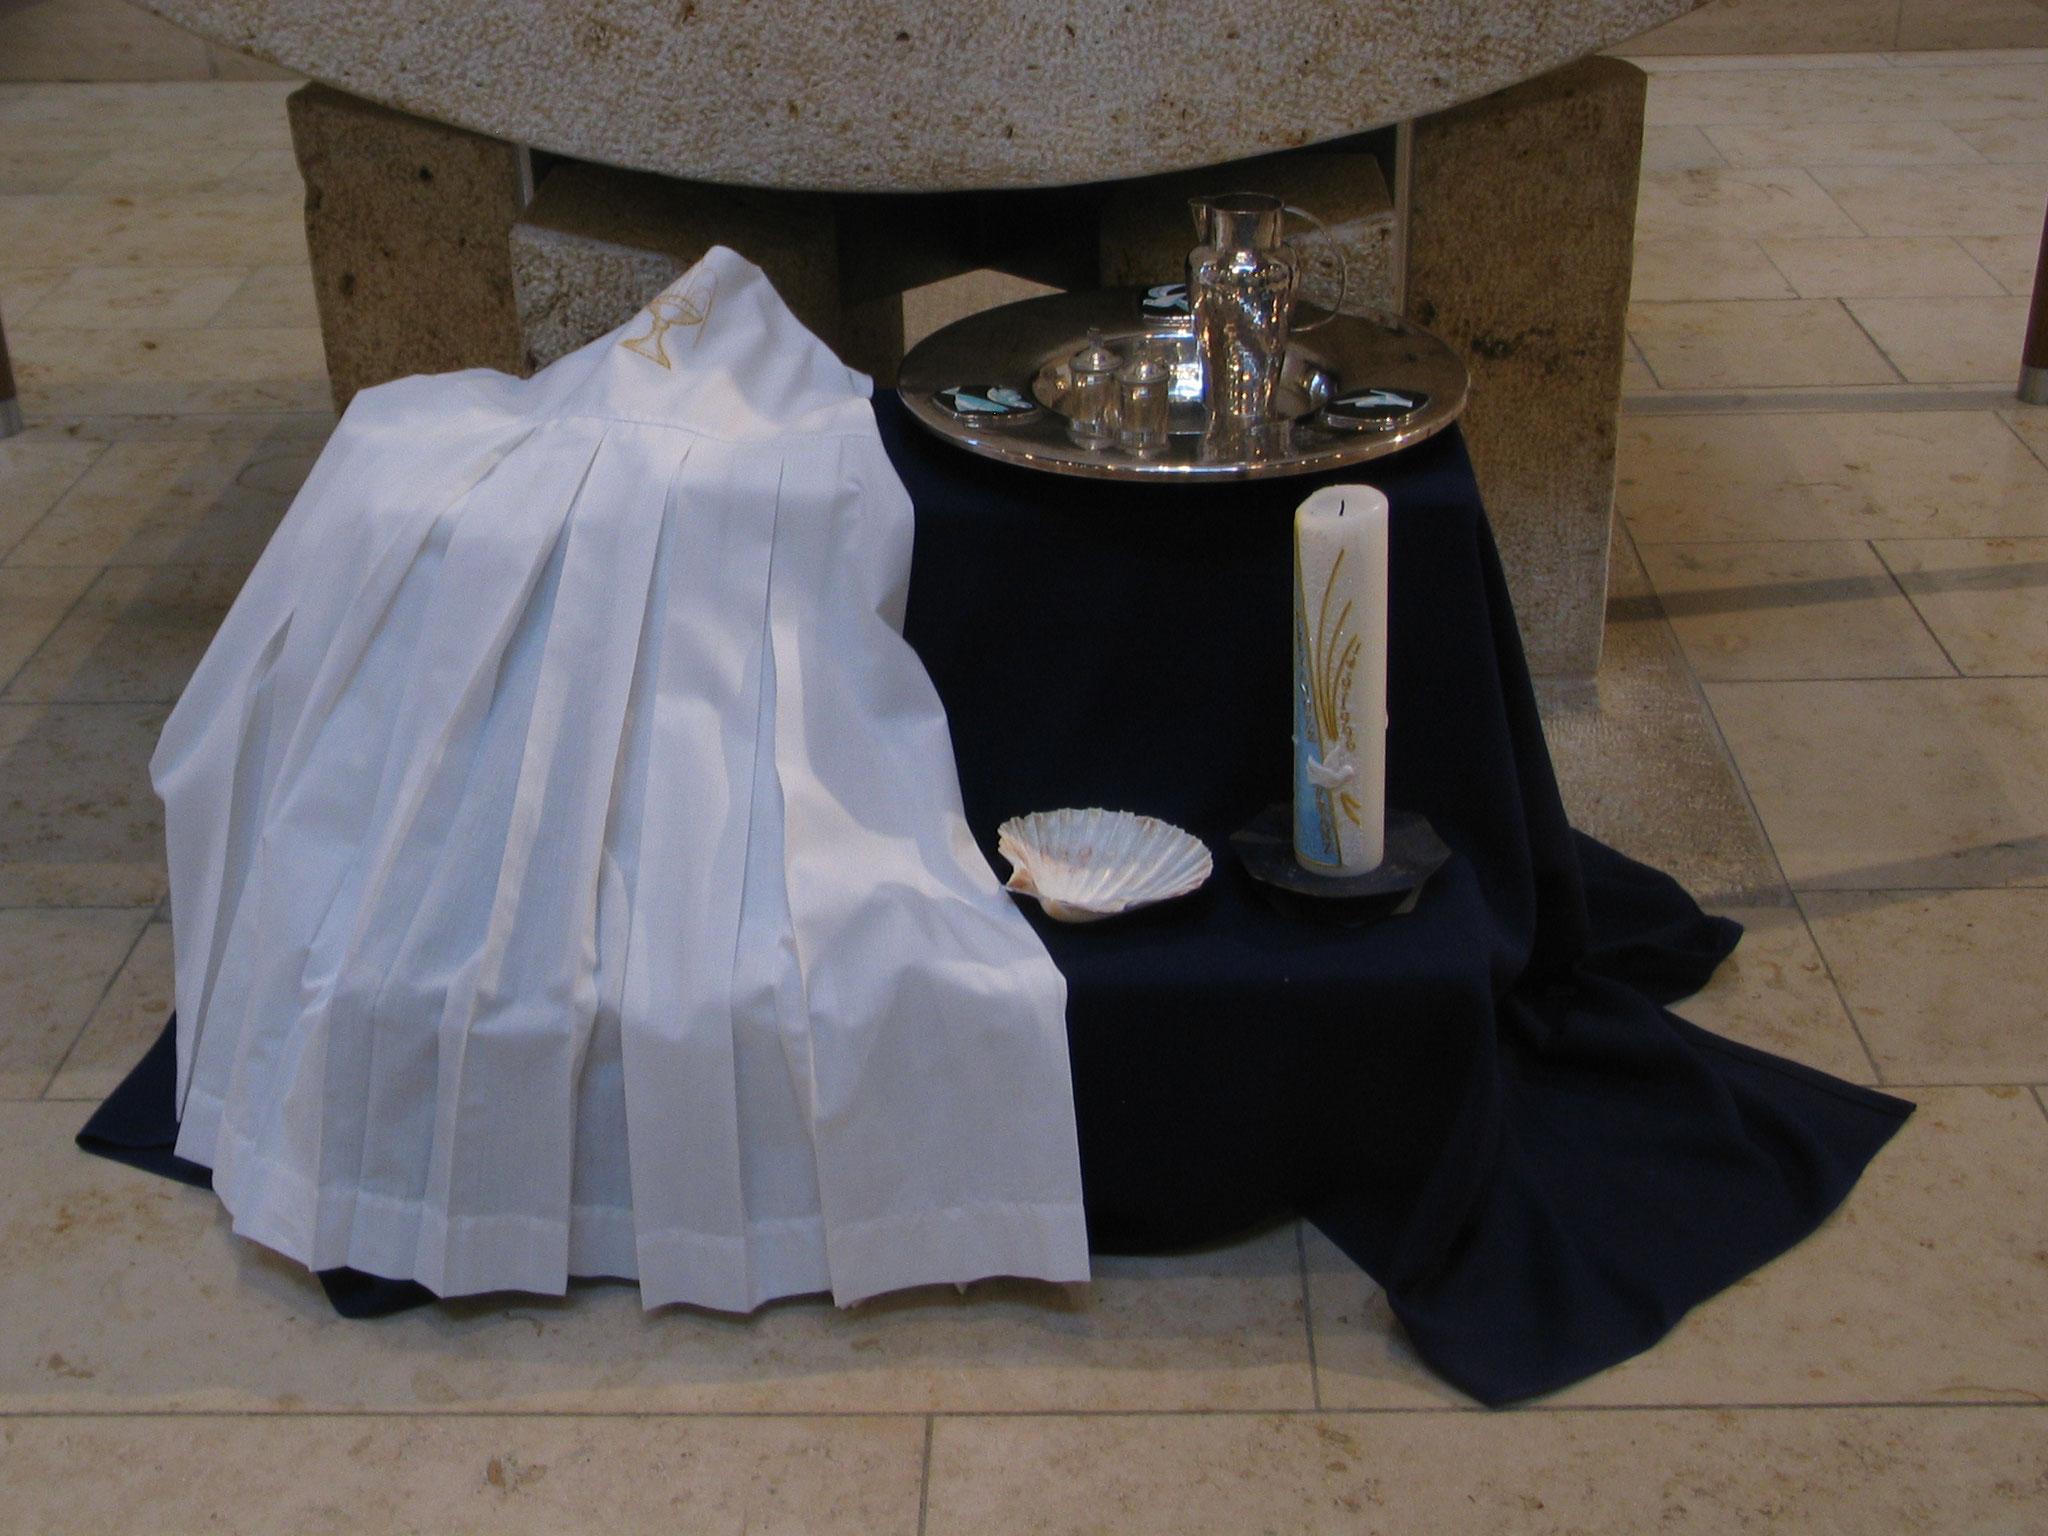 Vor dem Altar in der Ellgauer St. Ulrichskirche waren alle Gegenstände, die zu einer Taufe gehören, hergerichtet: Taufkleid, Taufkerze, Jakobsmuschel, Weihwasser und Chrisam